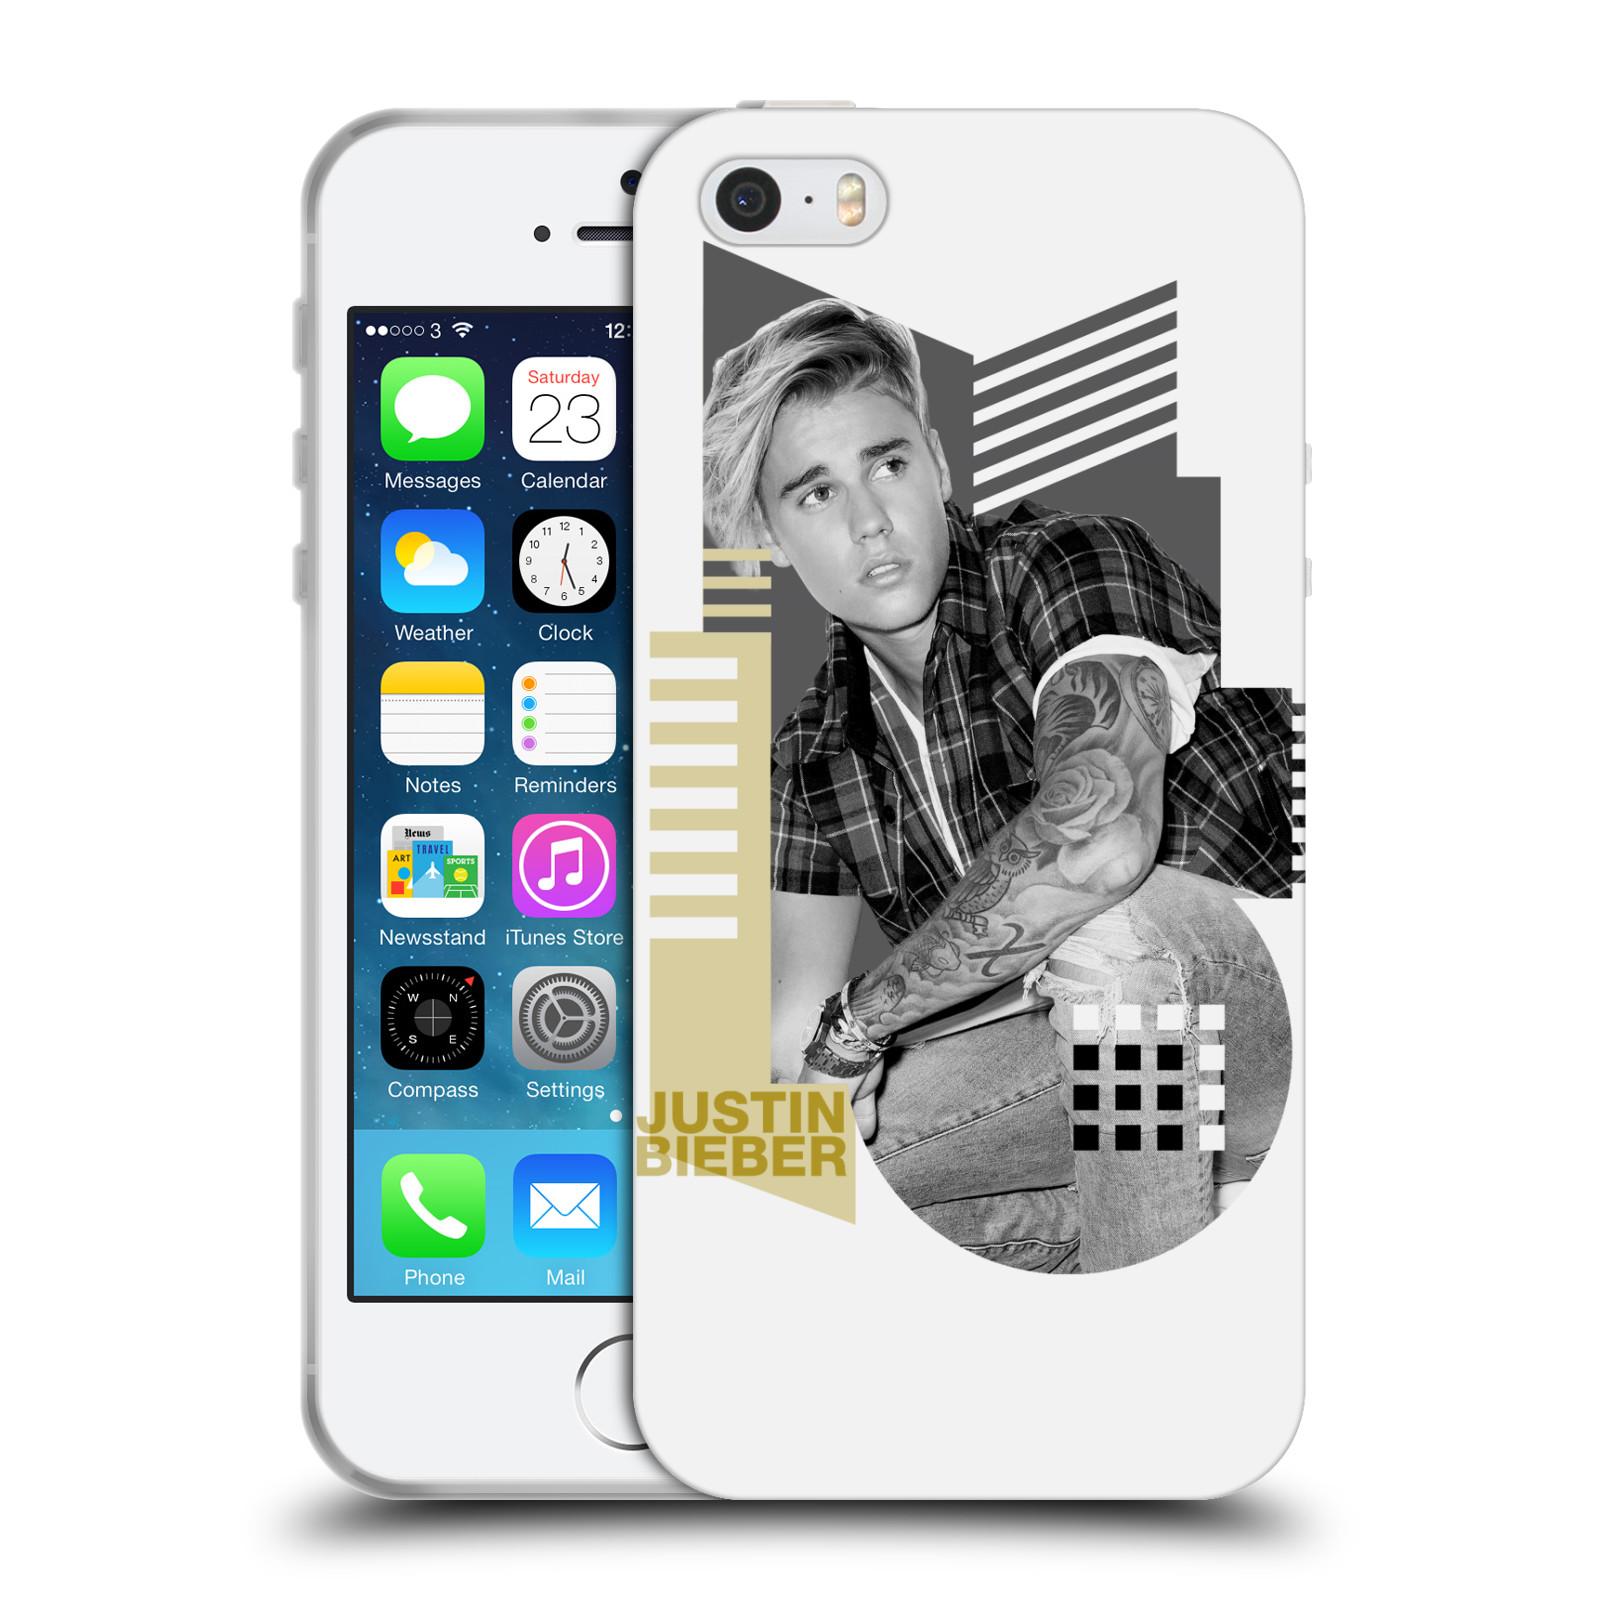 HEAD CASE silikonový obal na mobil Apple Iphone 5 / 5S originální potisk Justin Bieber tvary foto